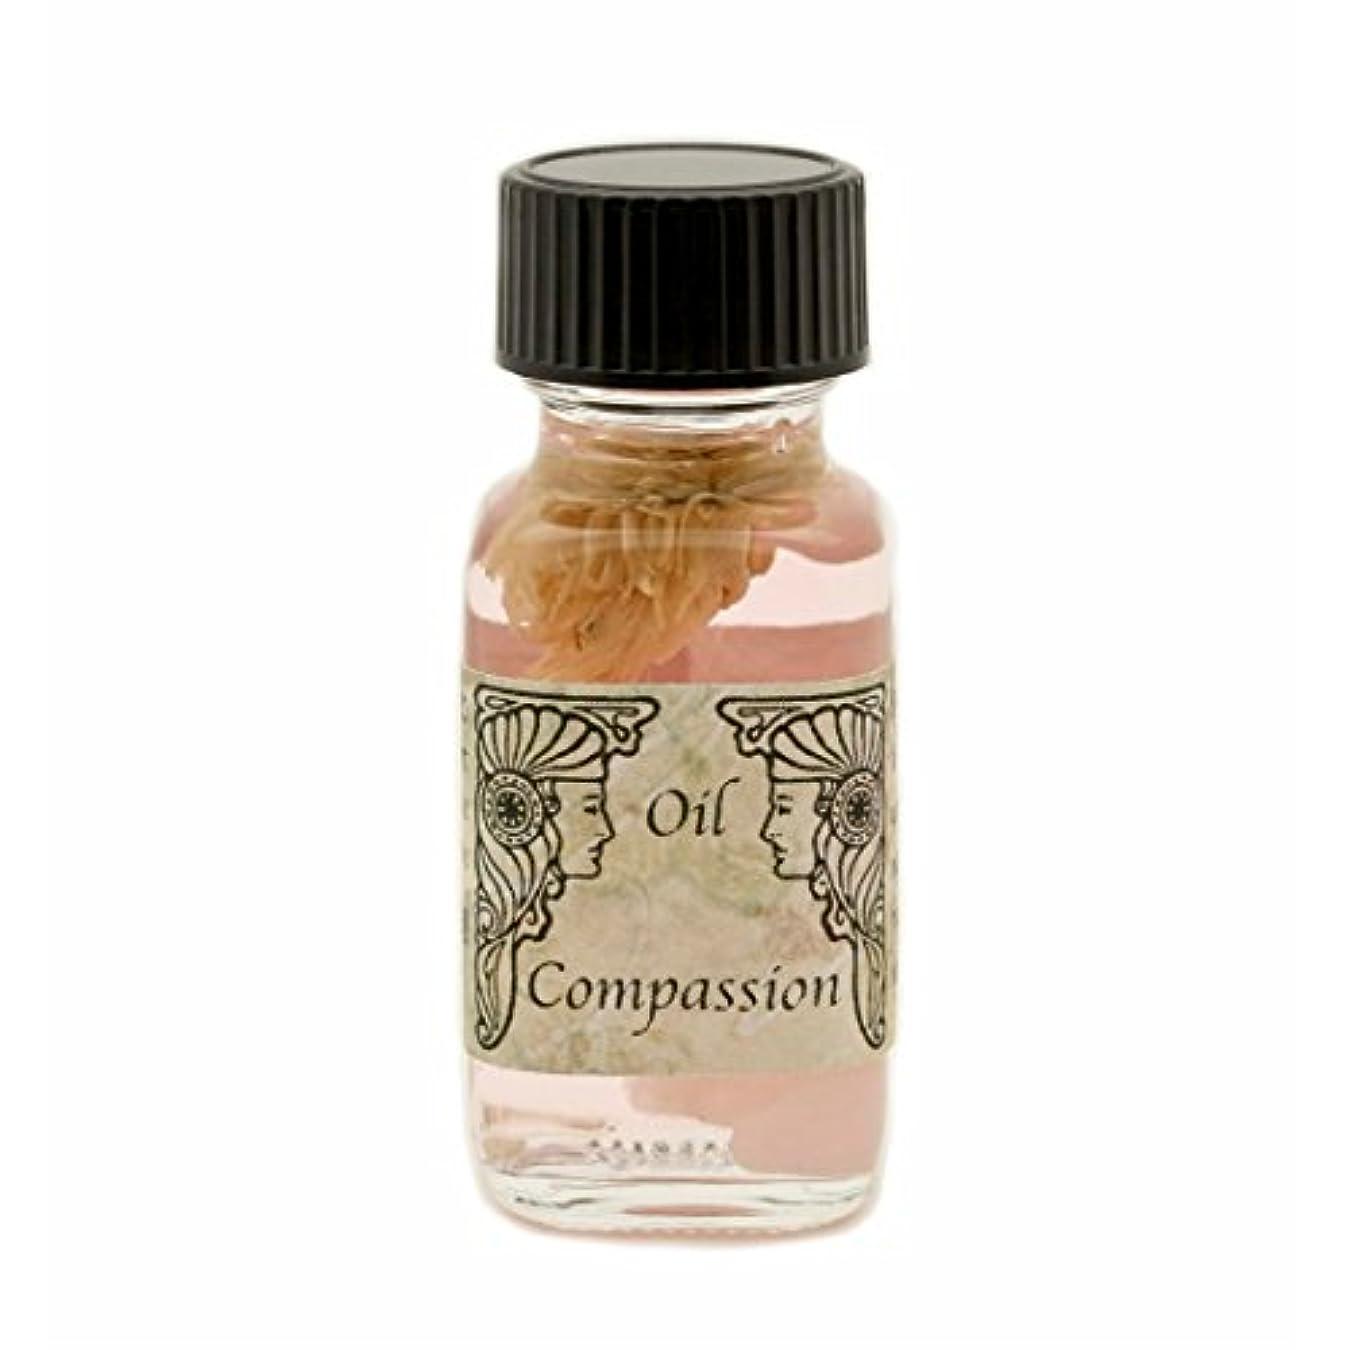 補充衛星どうやってアンシェントメモリーオイル コンパッション Compassion 思いやり 2017年新作 (Ancient Memory Oils)